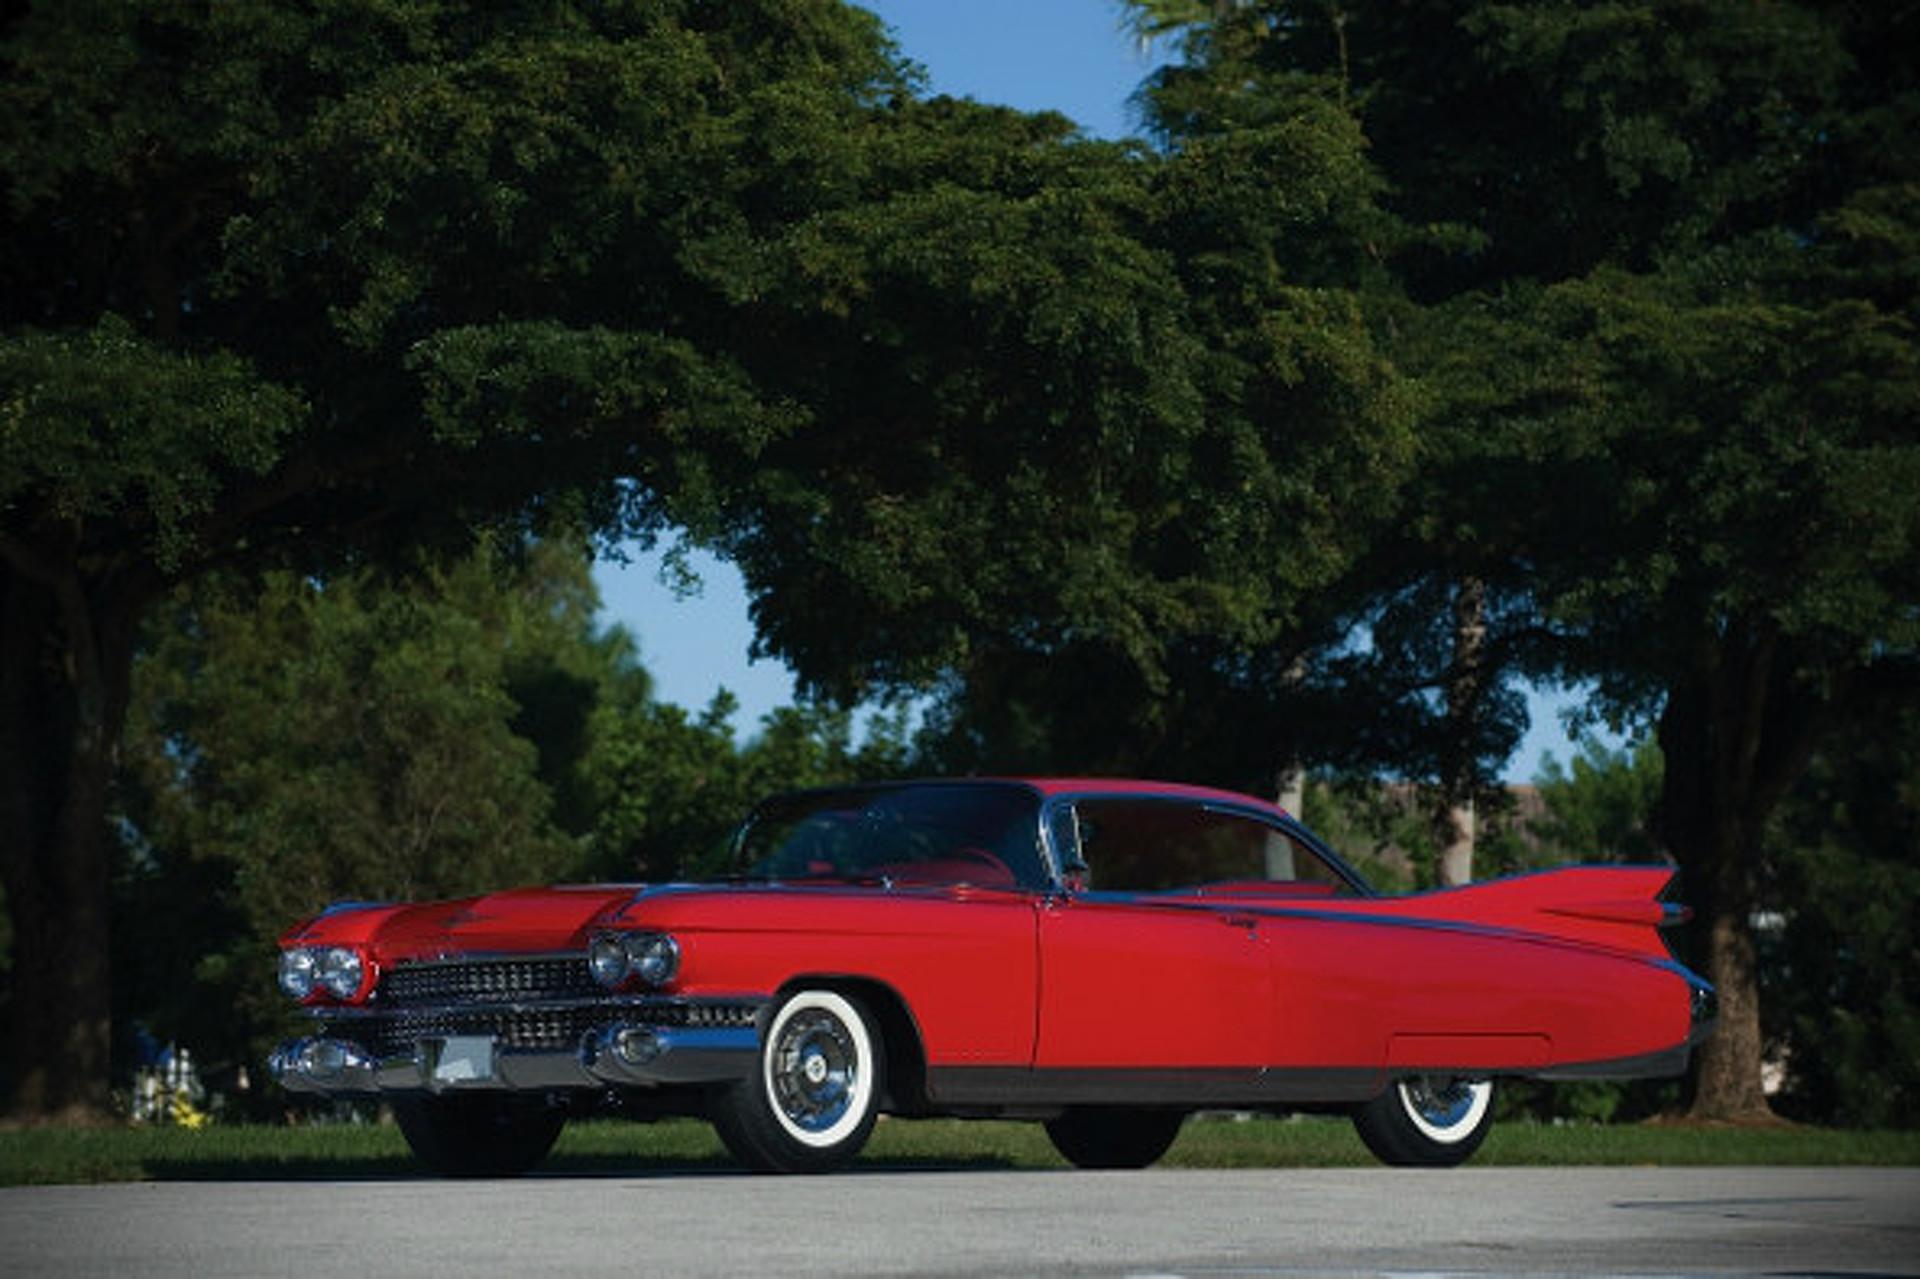 The 1959 Cadillac: Symbol of a Bygone Era